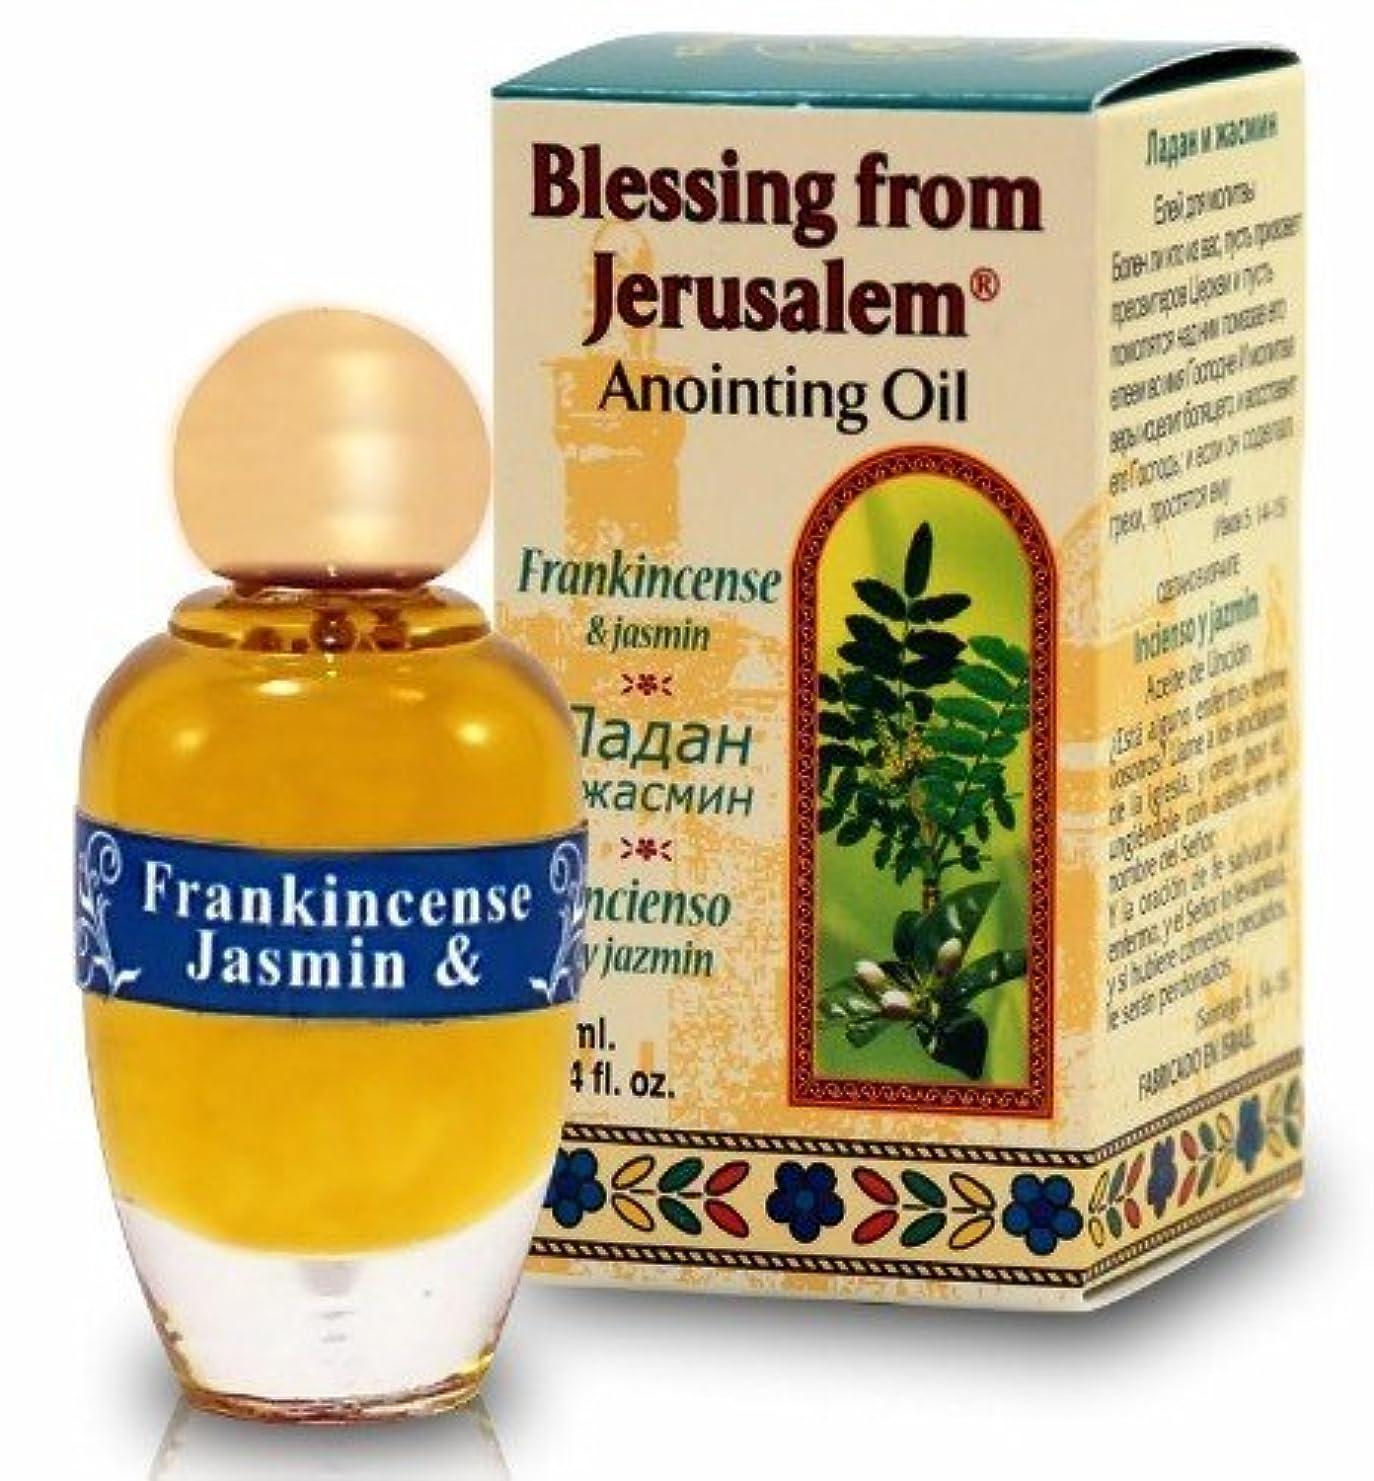 出力外出雷雨Top Seller Frankincense &ジャスミンAnointing Oil byベツレヘムギフトTM